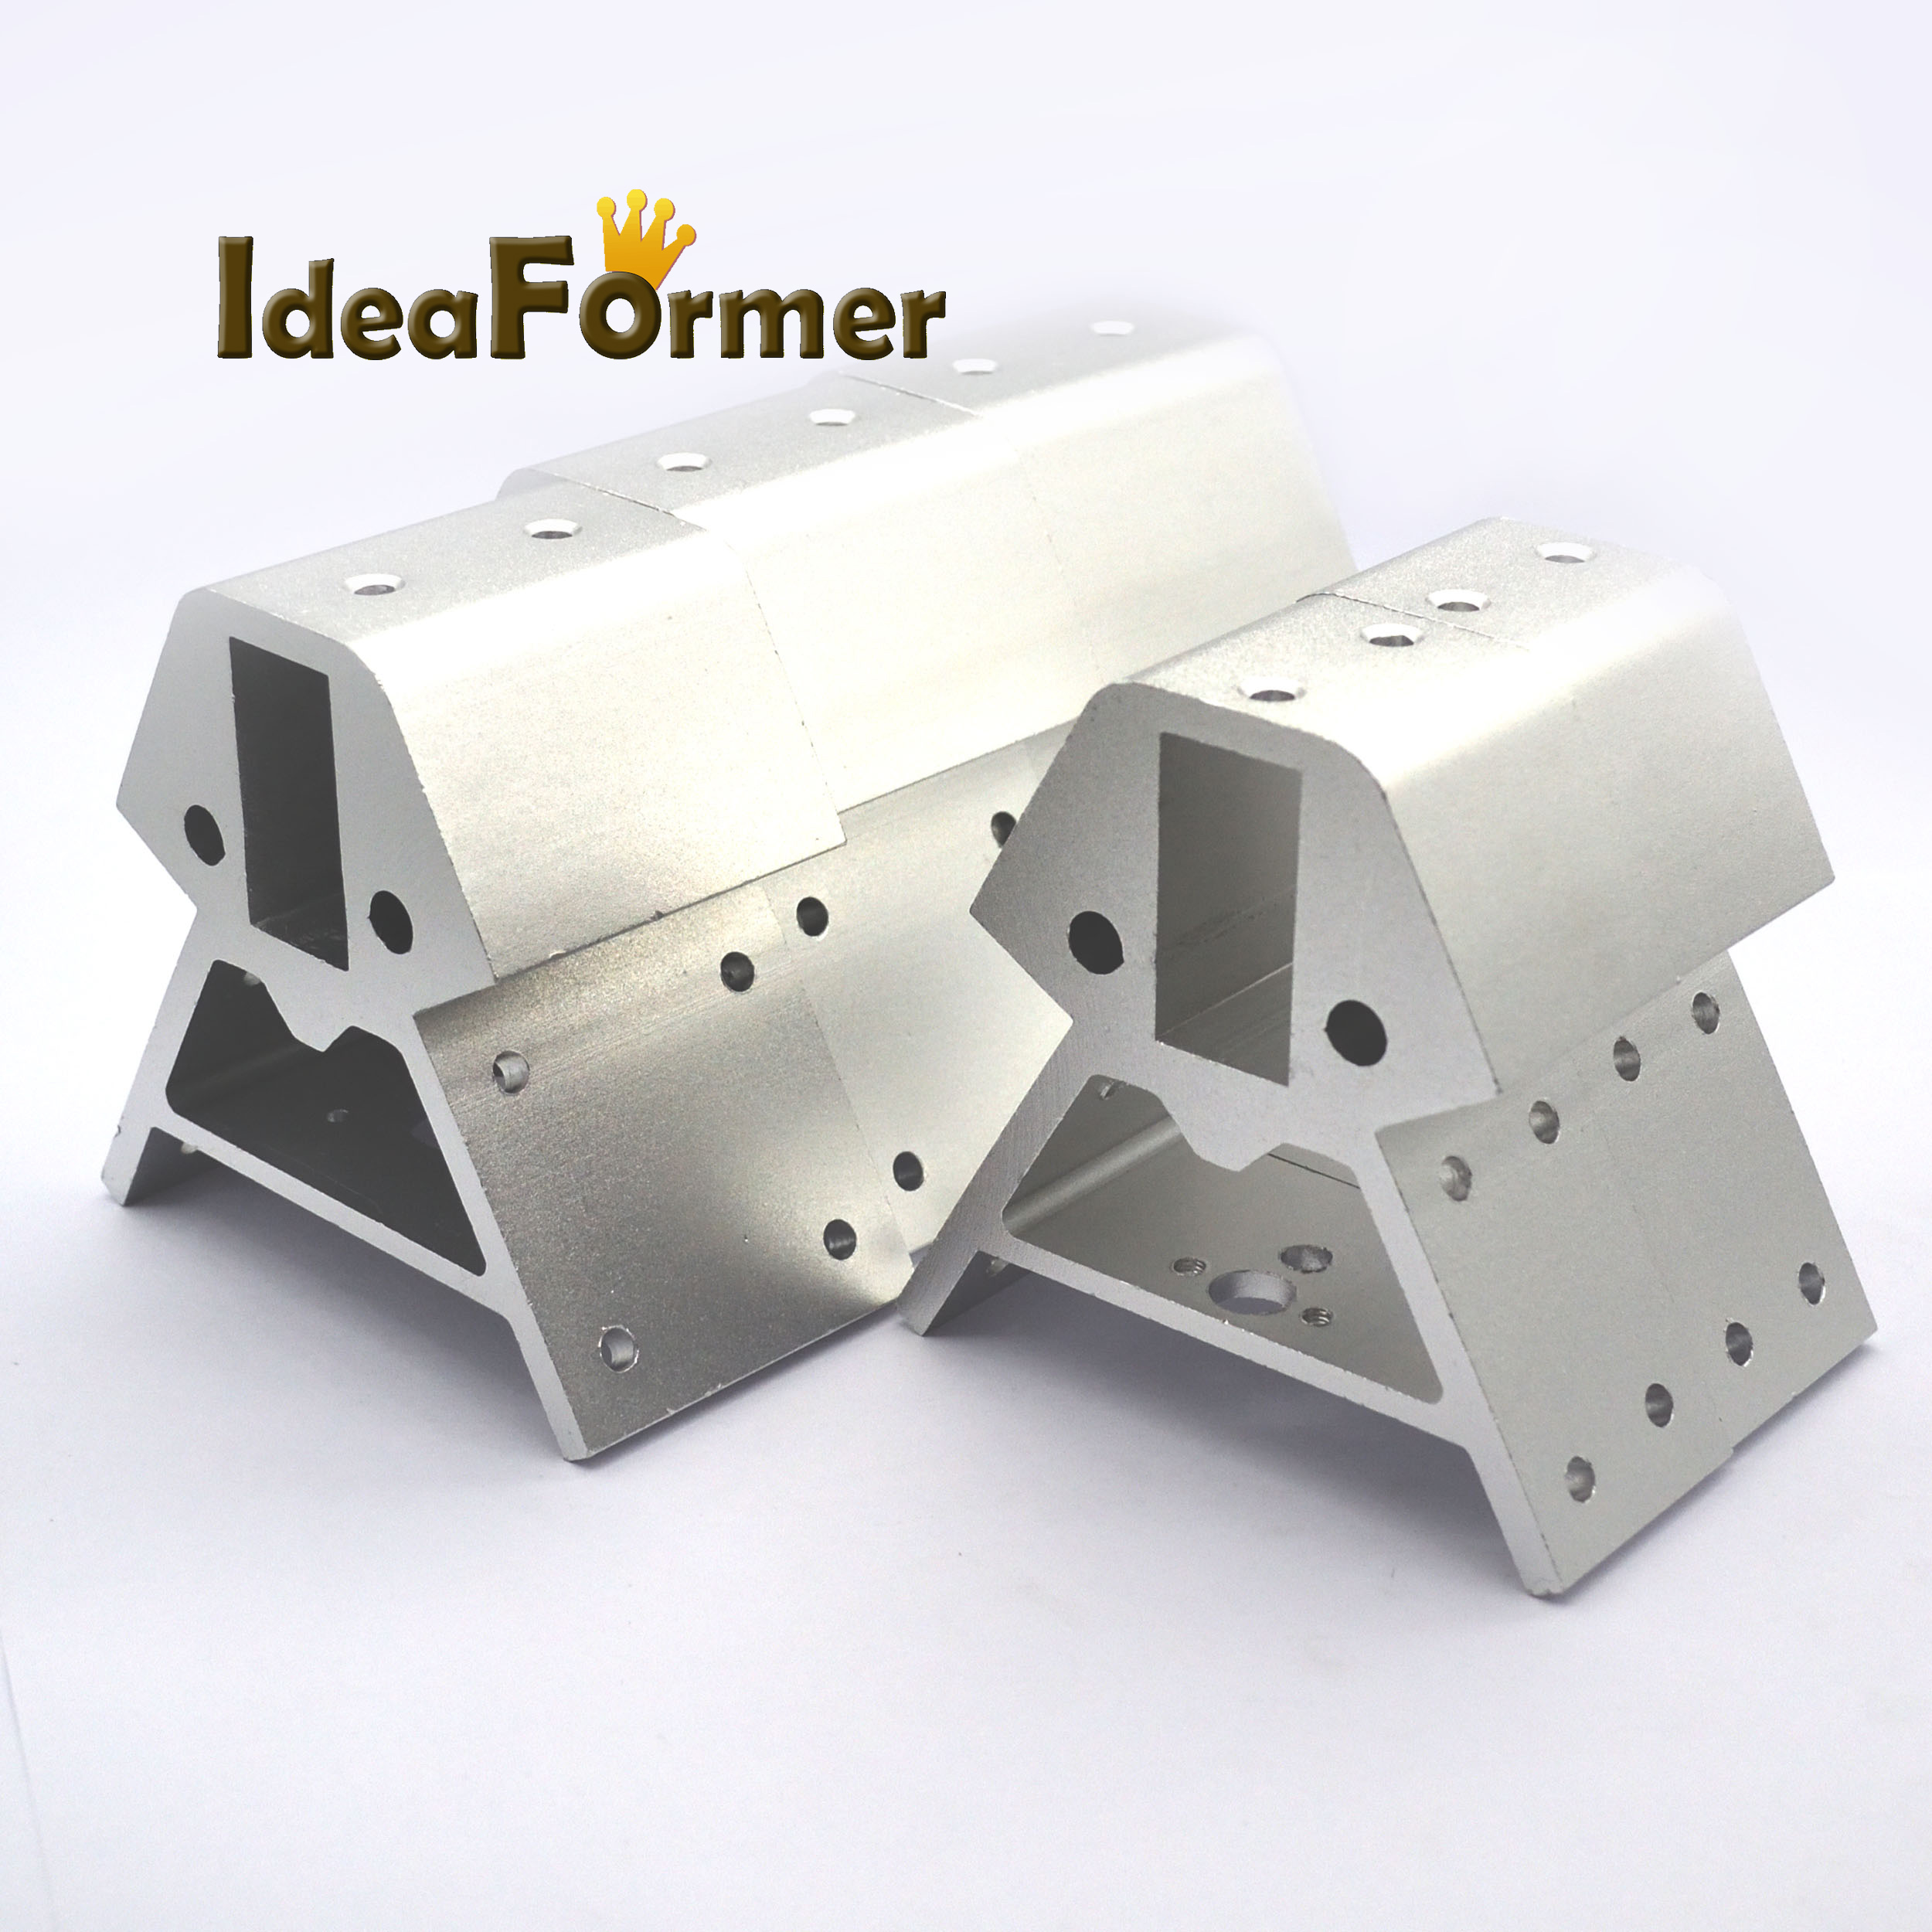 [해외]Kossel XXL 3D 프린터 부품 실버 정점 3pcs 하단 + 3pcs 상단 1 세트 고품질 2040 알루미늄 합금 코너 프로필/Kossel XXL 3D printer parts silver Vertex 3pcs bottom+3pcs top 1 set hig